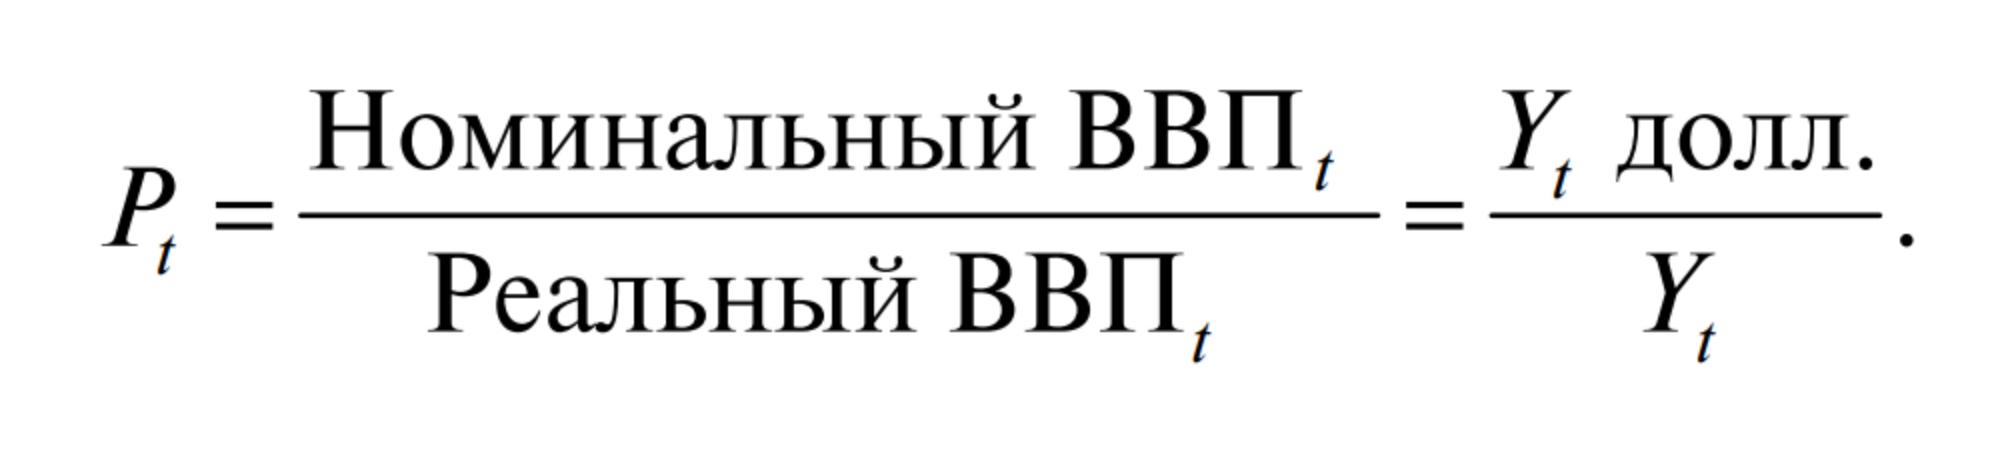 Формула расчета дефлятора из учебника «Макроэкономика» Оливье Бланшара. Там показатель рассчитывается в долларах